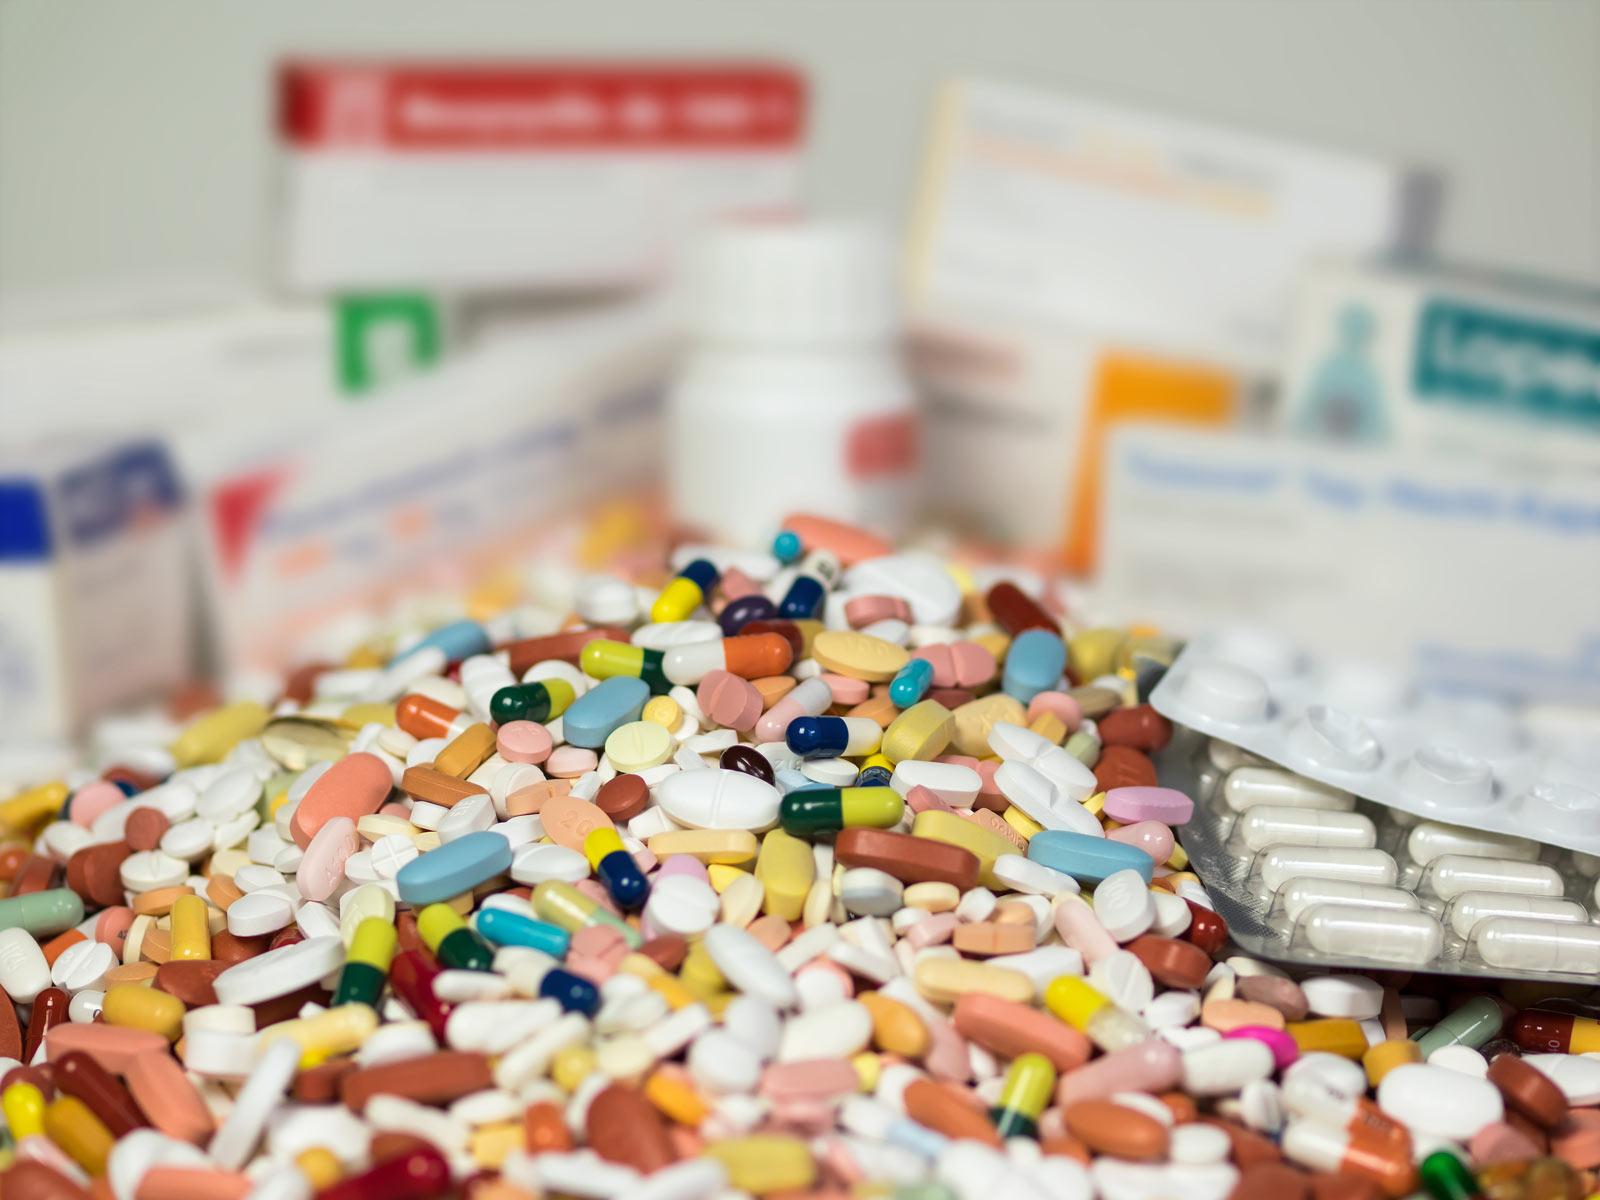 Arzneimittel - Risiken und Nebenwirkungen